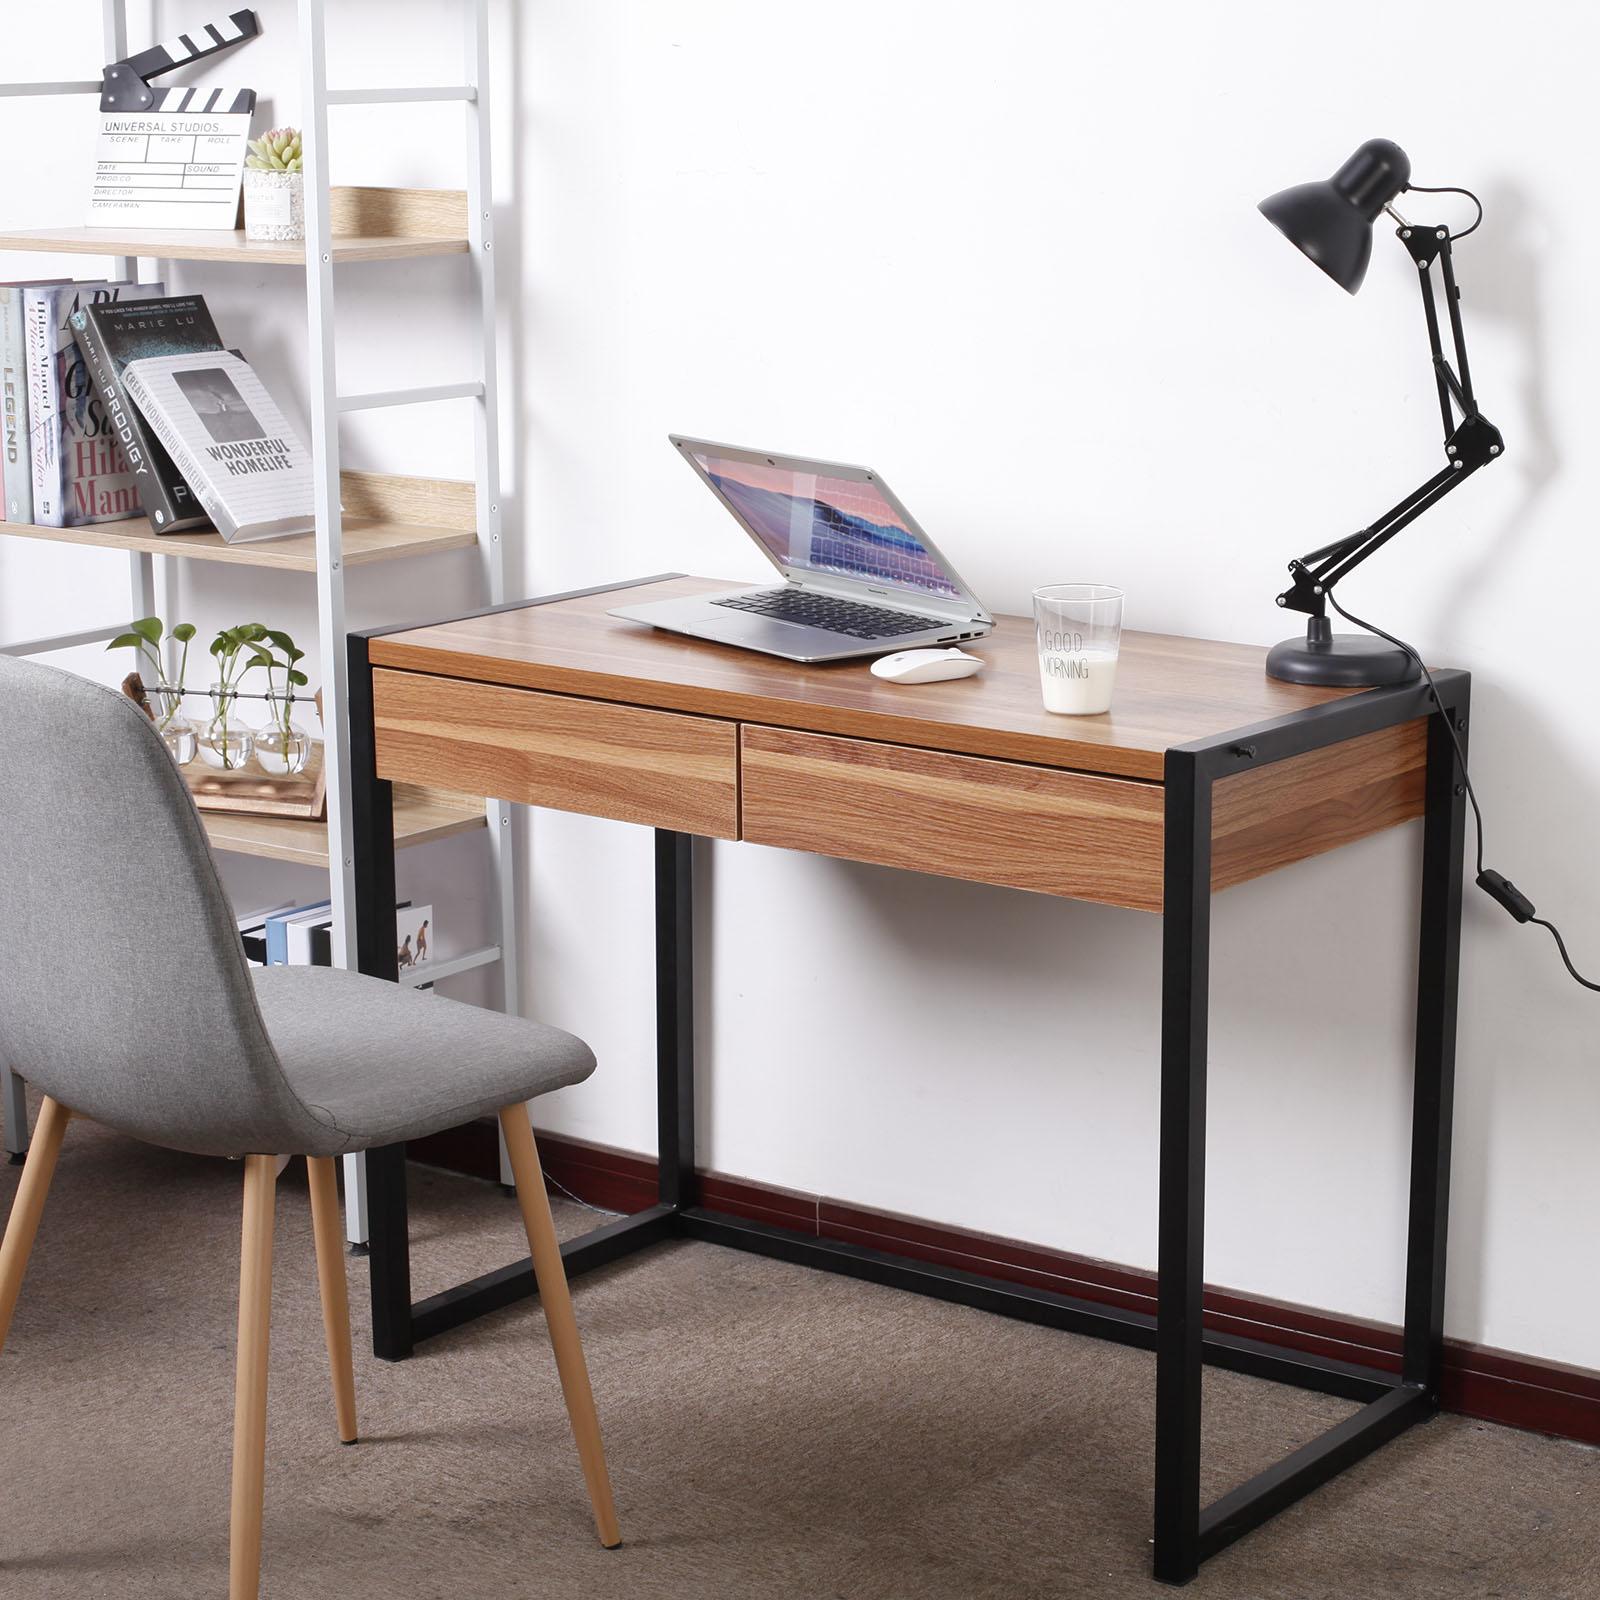 schreibtisch computertisch b rotisch tisch mit 2 schubladen holz stahl tsg27dc ebay. Black Bedroom Furniture Sets. Home Design Ideas